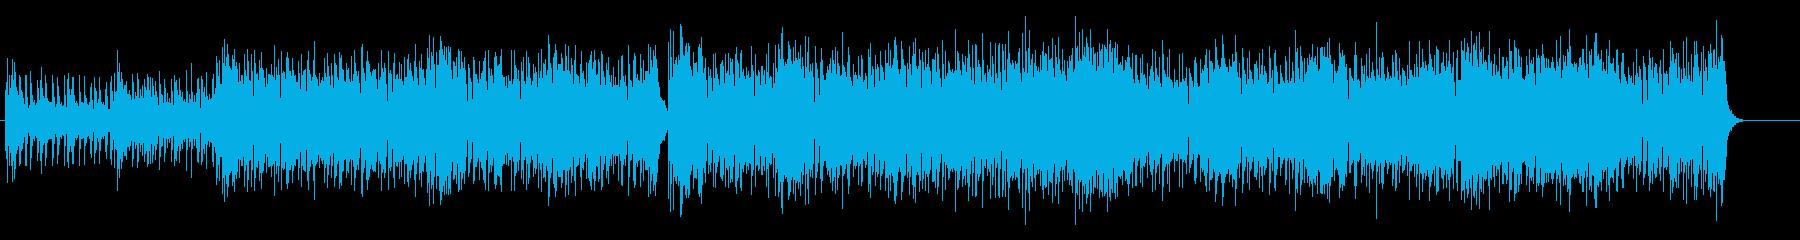 フュージョンテイスト溢れるラテンポップスの再生済みの波形